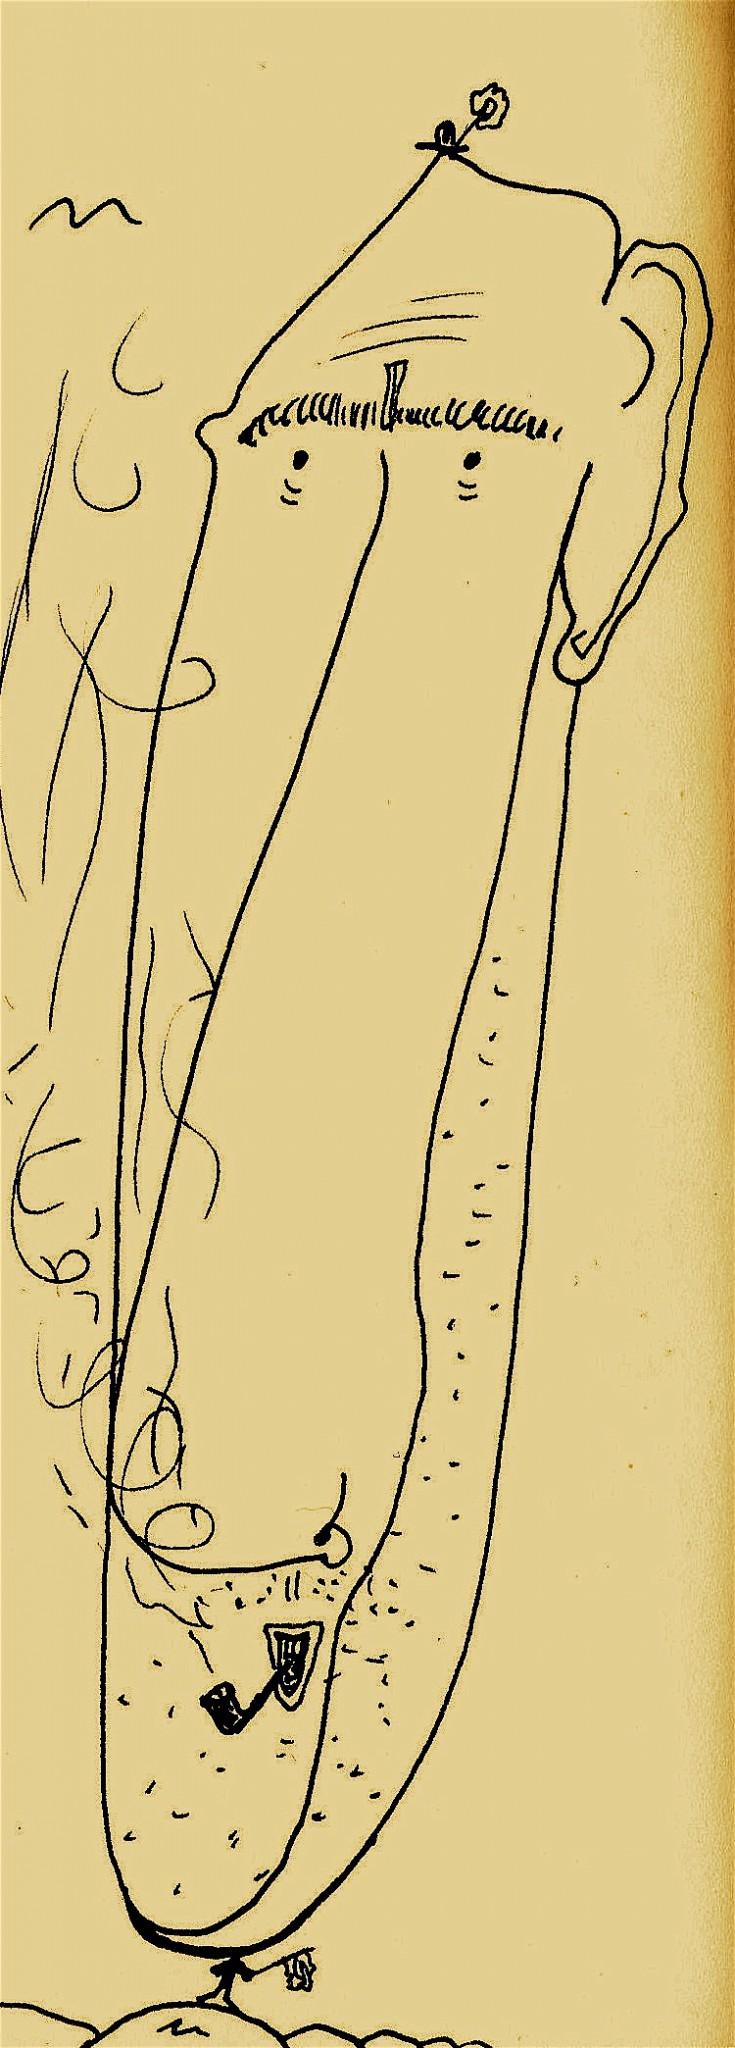 Long Ago (NB), Norbert W. Schlinkert